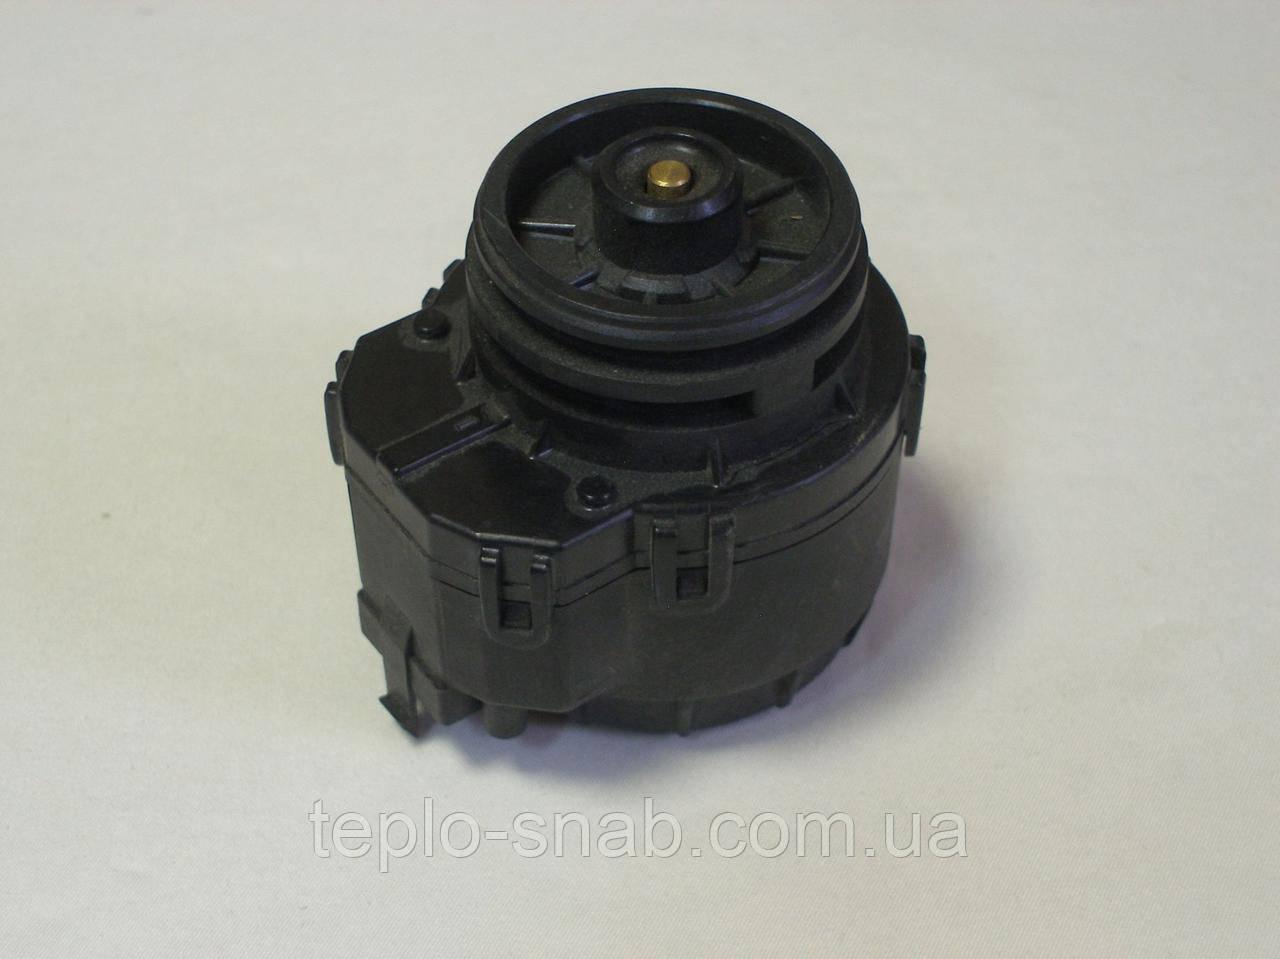 Сервопривод (электромотор) трехходового клапана Beretta City 24 CSI. 20017594